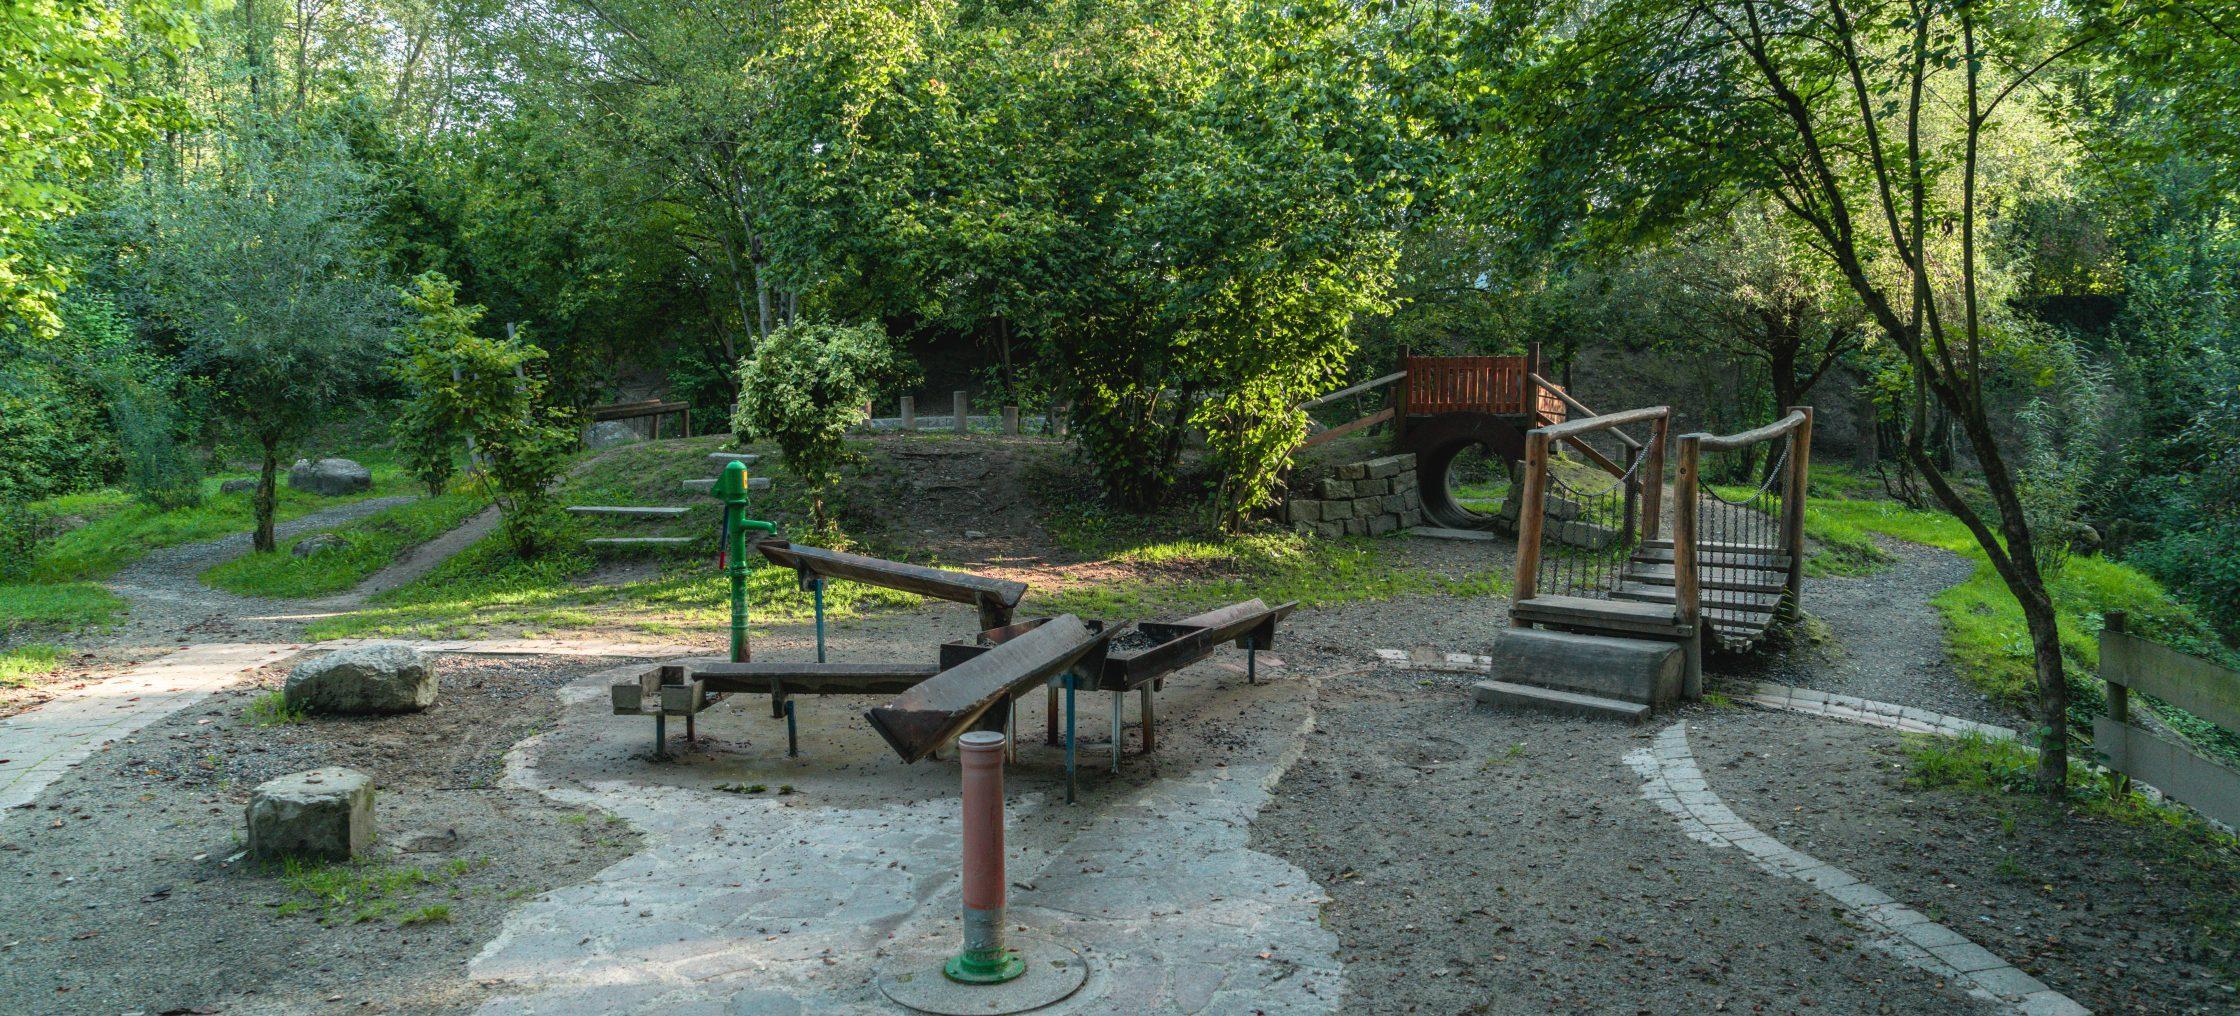 Bodensee Gitzenweiler Spielplatz